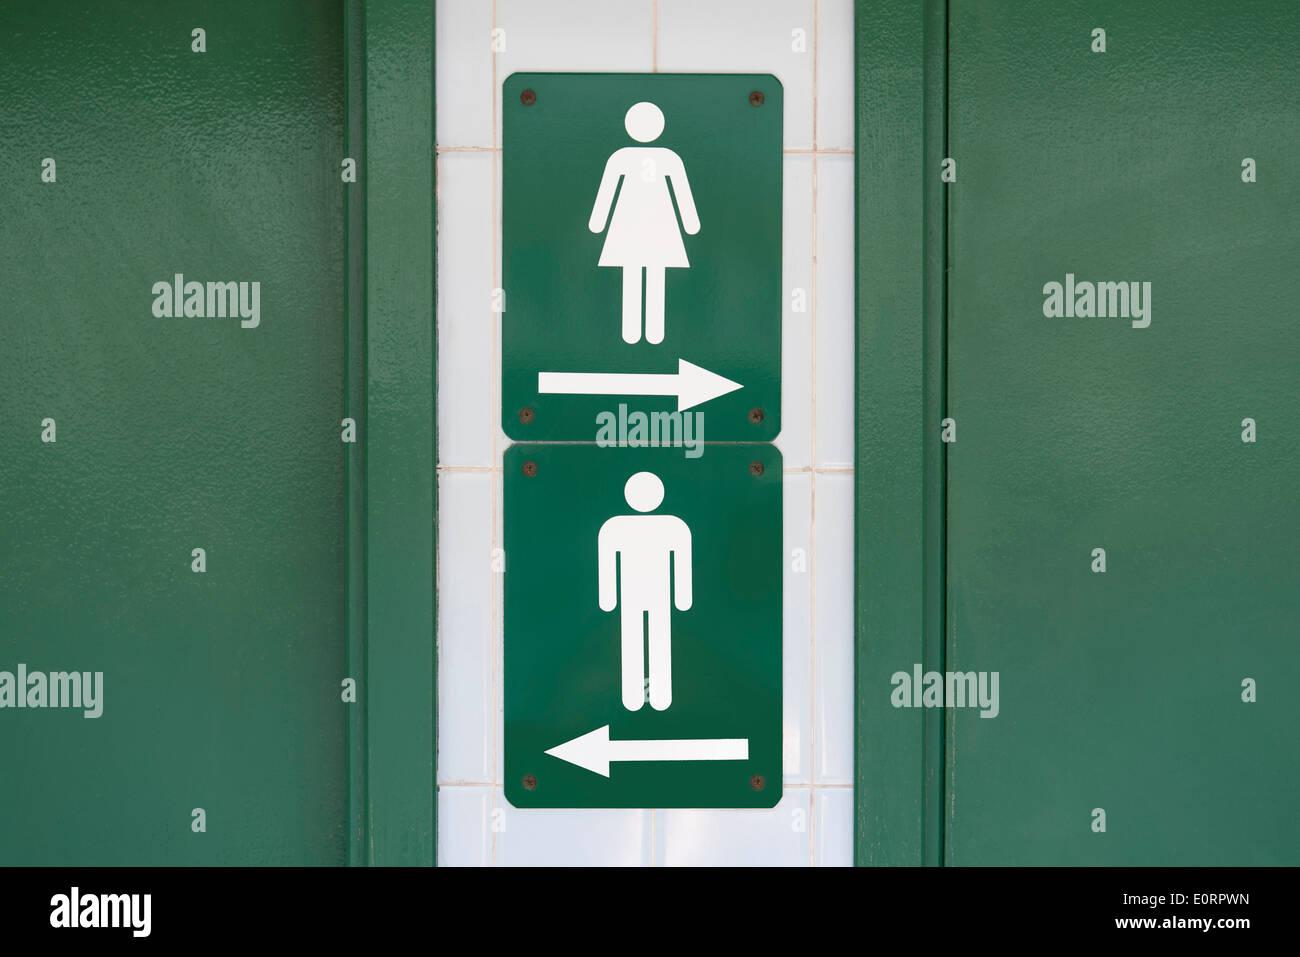 Segno verde con maschio e femmina rivolta dei simboli per andare in direzioni opposte Immagini Stock